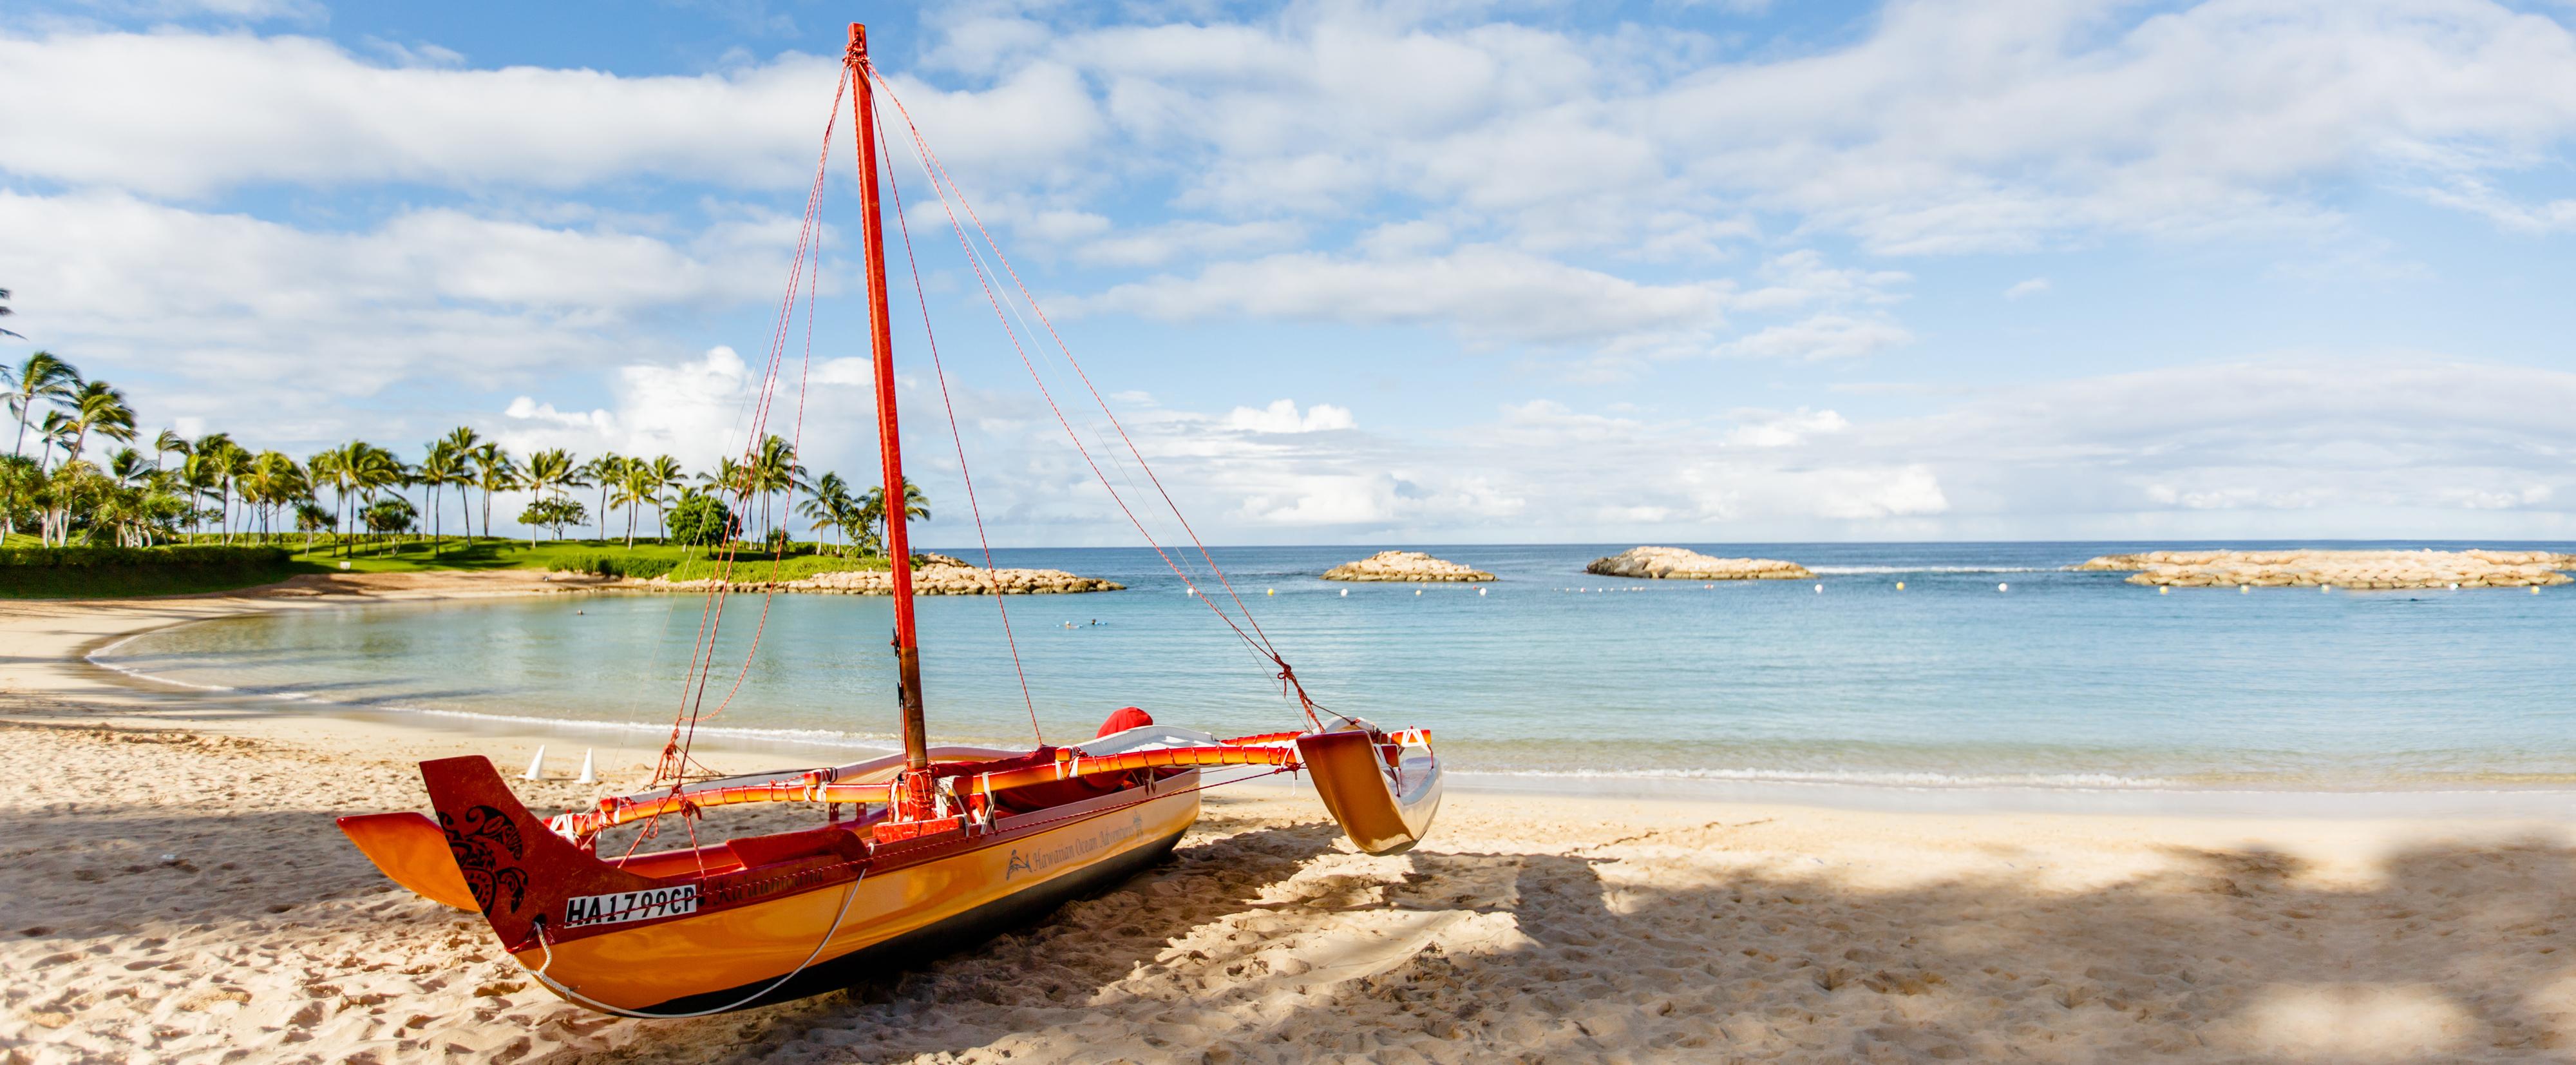 A Hawaiian sailing canoe on a sandy tropical beach, near the water's edge